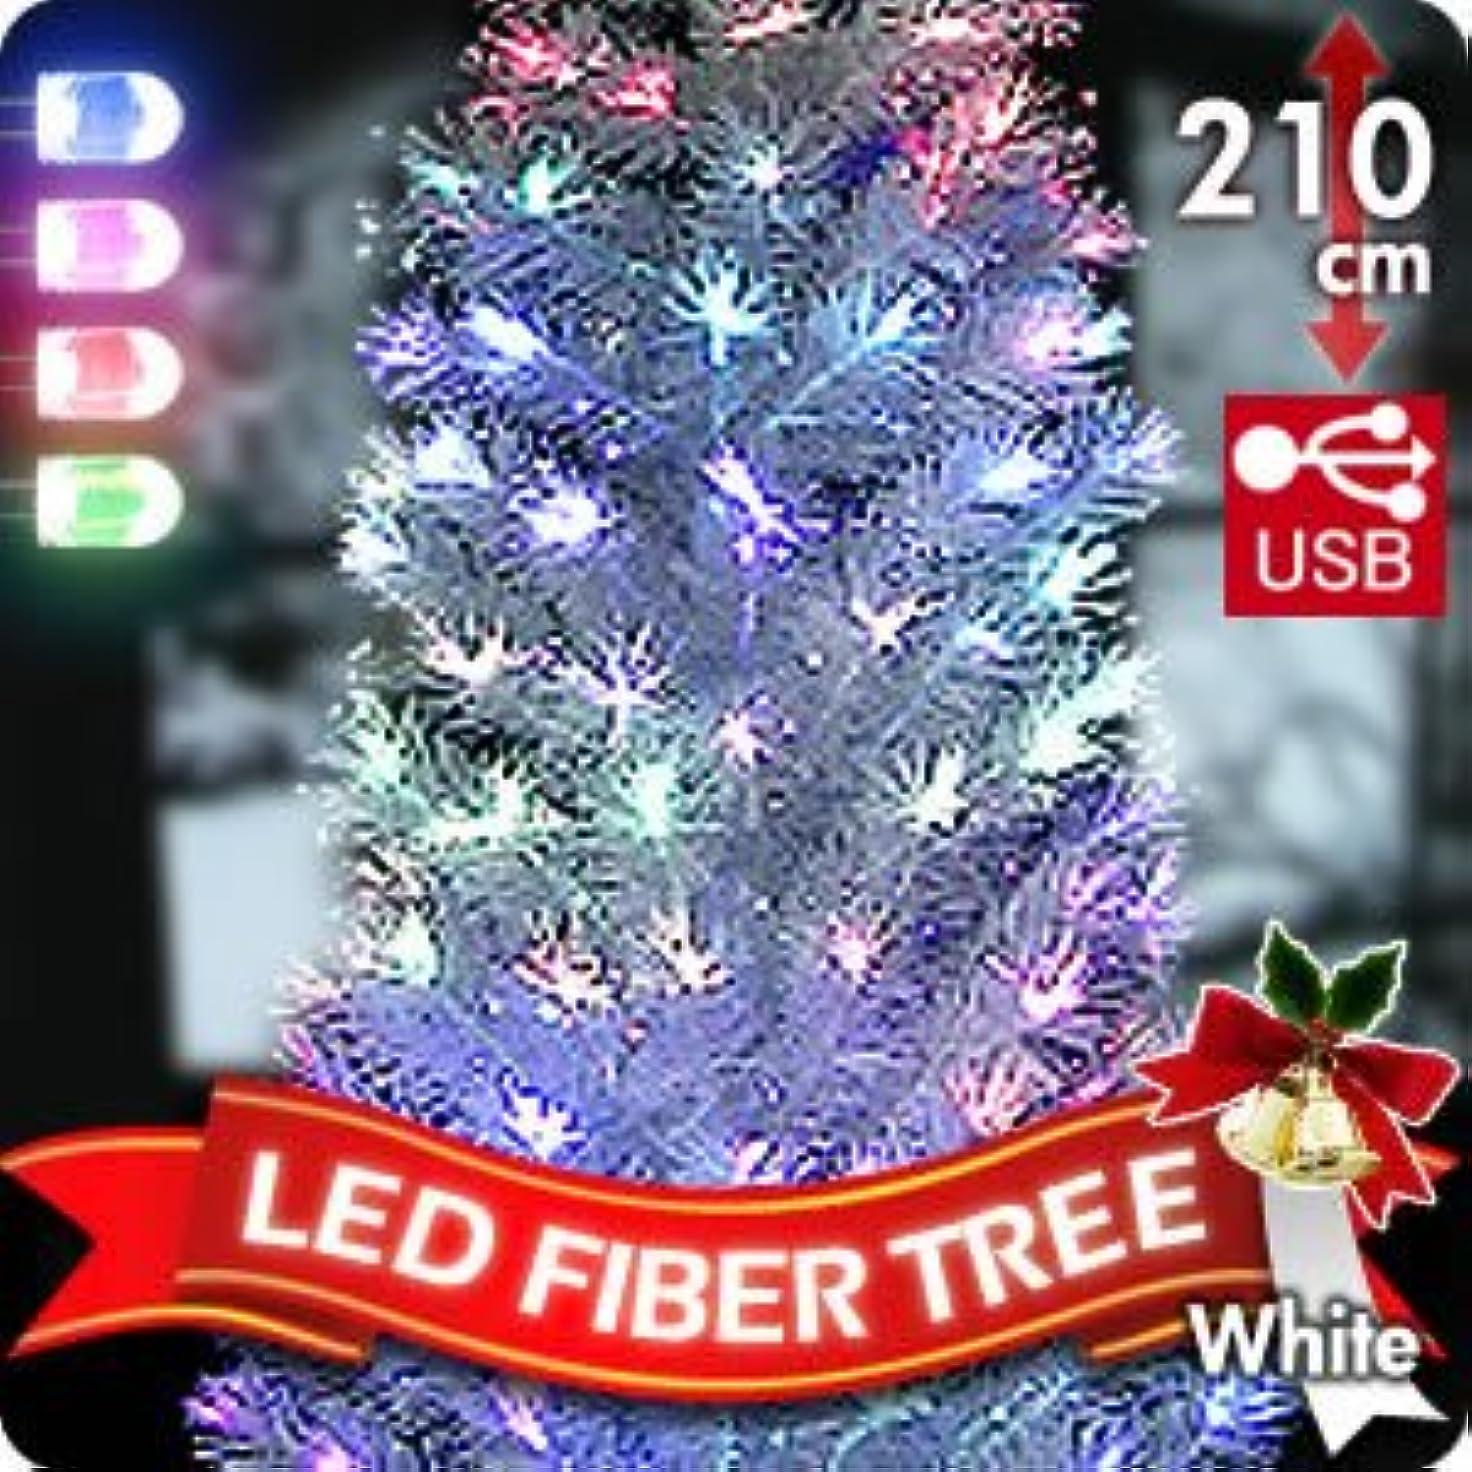 ほのめかすポルティコボイコットクリスマスLEDファイバーツリー210cmホワイト [おもちゃ&ホビー]